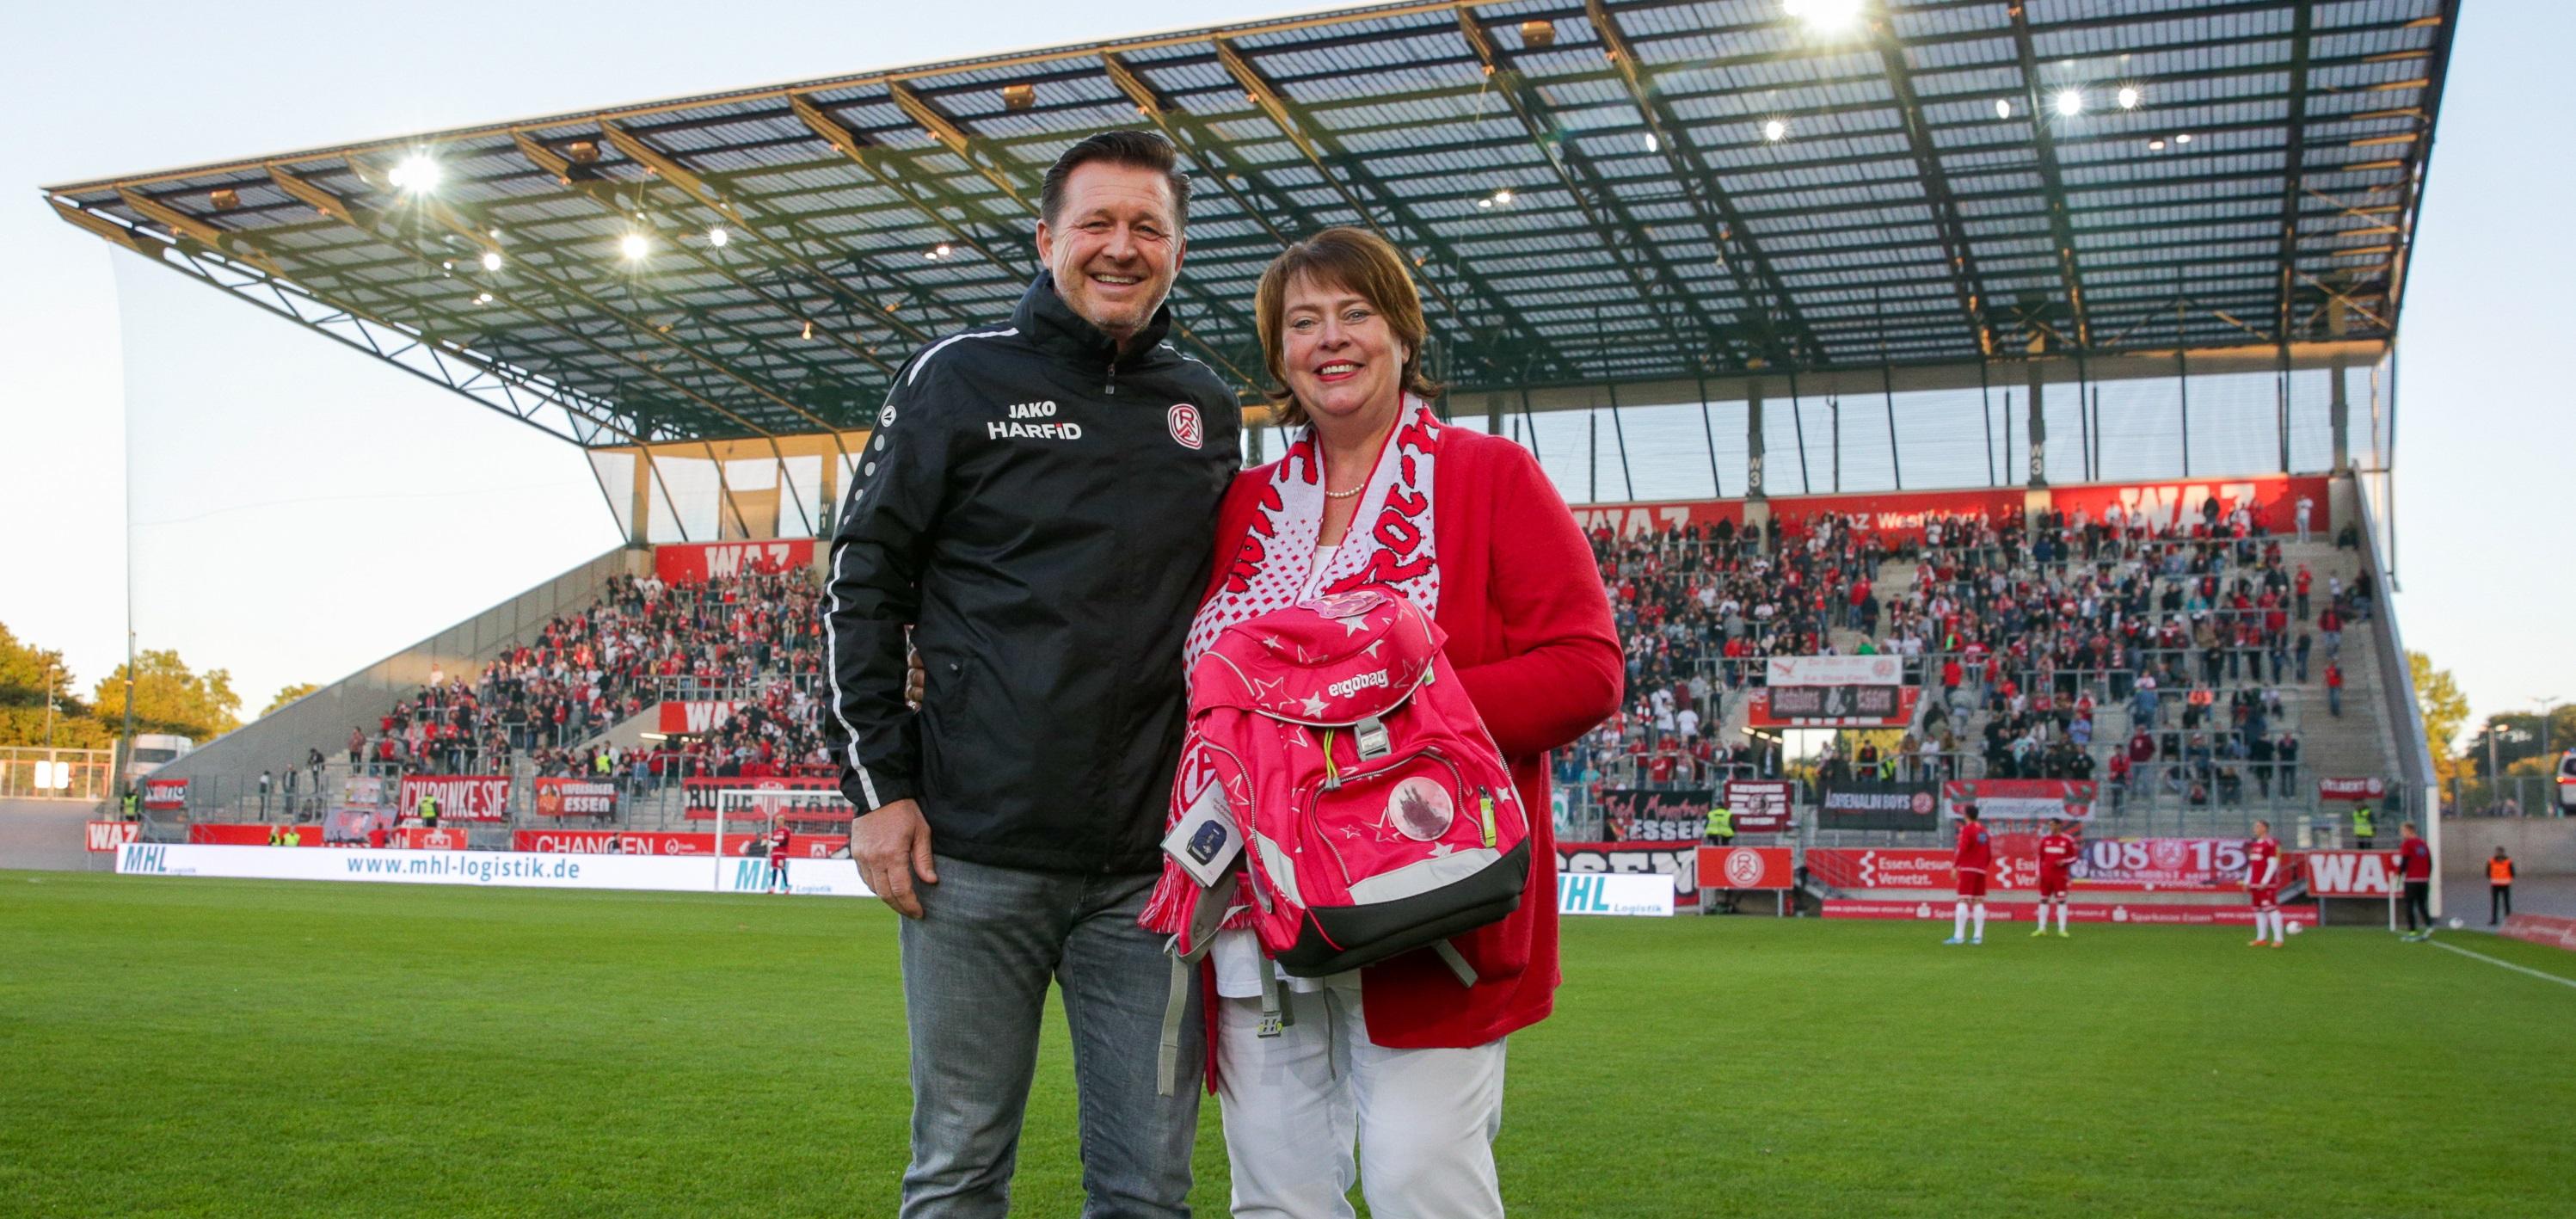 Beim Heimspiel gegen den Bonner SC wurde die Idee geboren und ab morgen können Fans ein Abendessen mit Christian Titz ersteigern und Gutes tun. (Foto:Endberg)